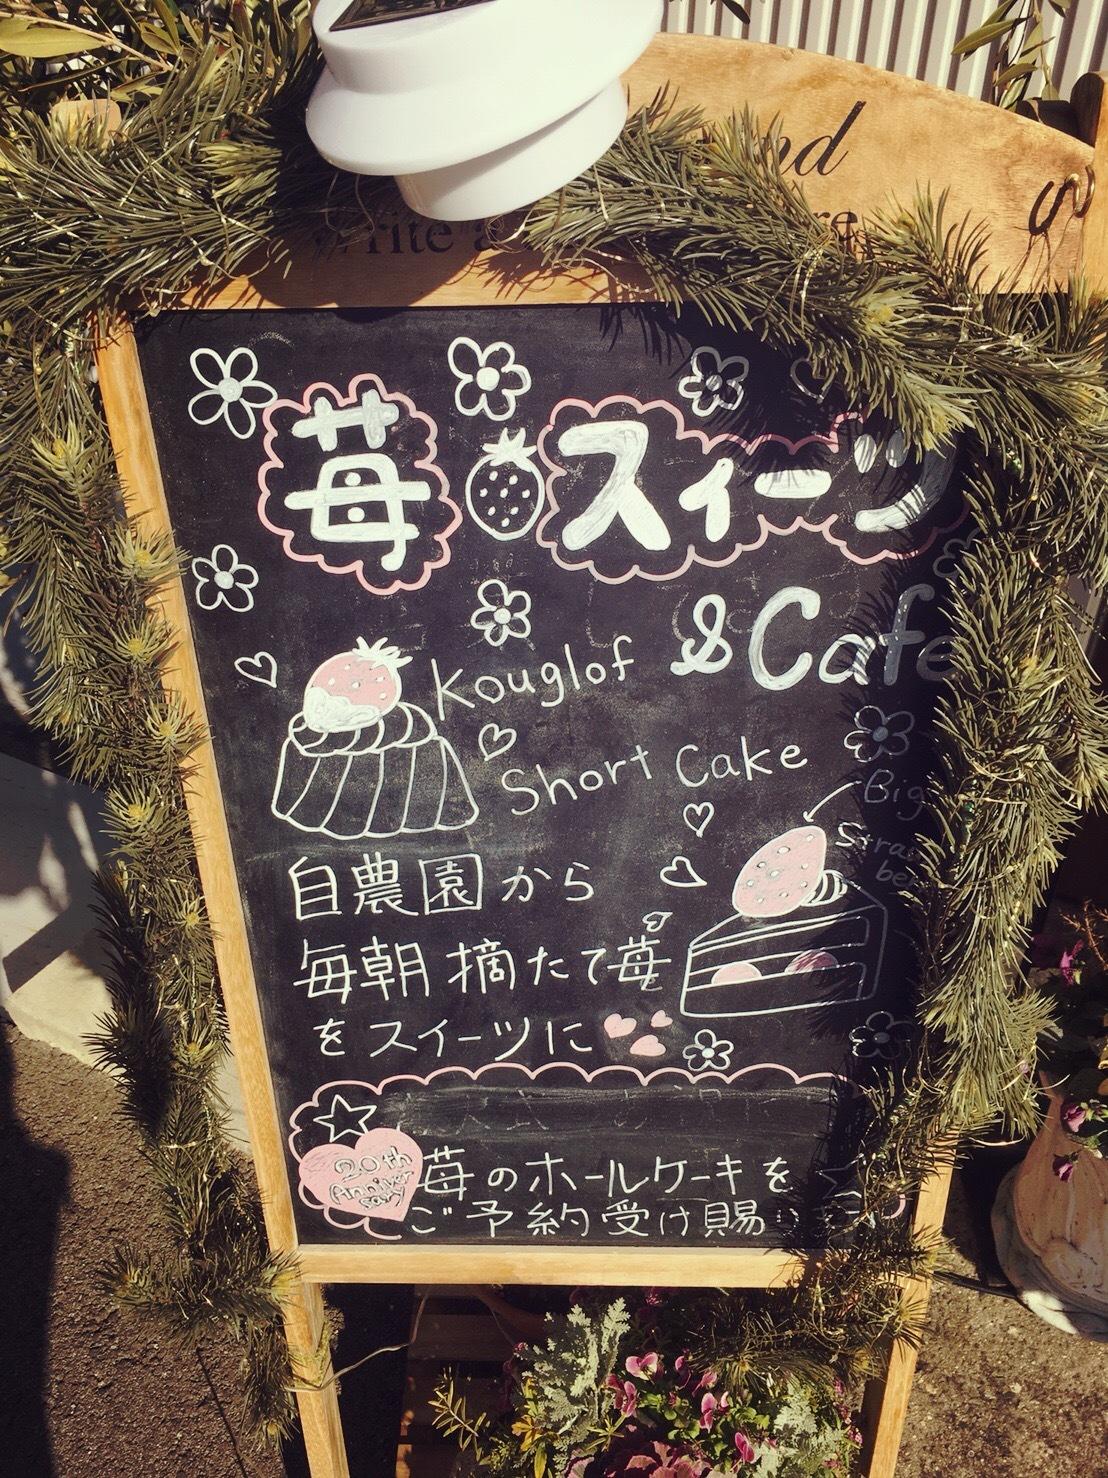 星の果樹園カフェのメニュー